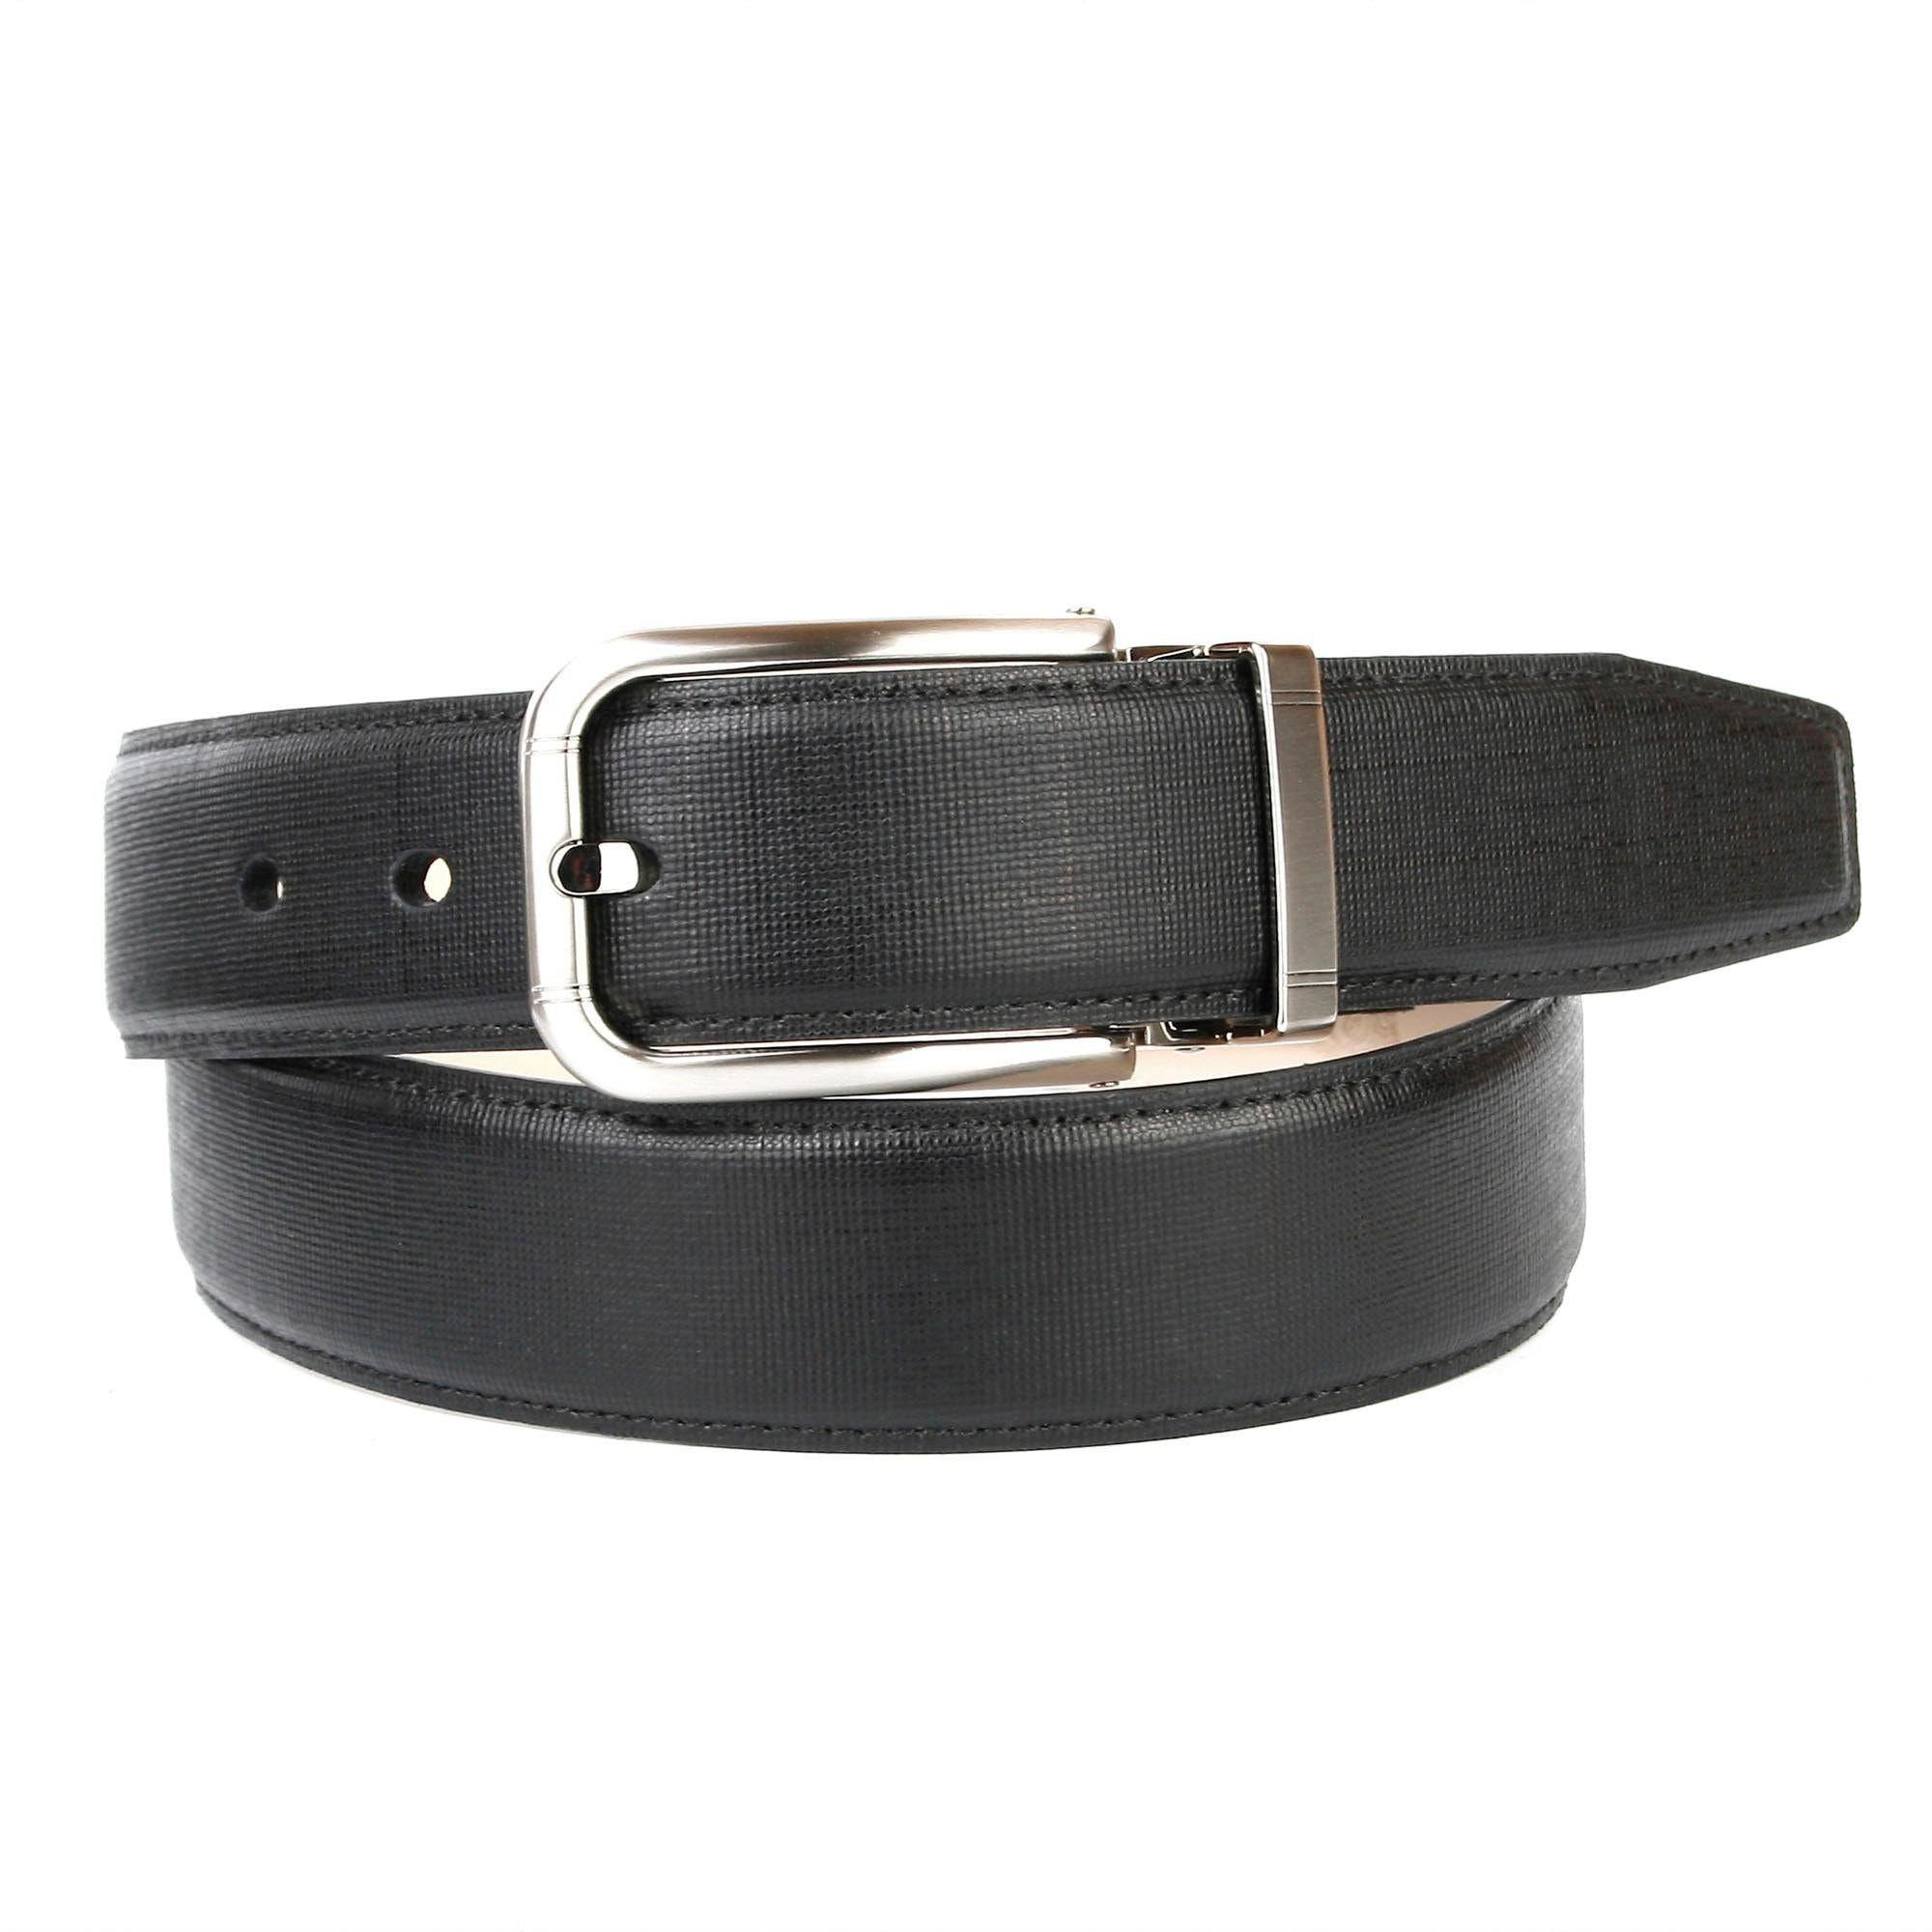 Anthoni Crown Ledergürtel, mit hochwertiger silberfarbener Schließe schwarz Damen Ledergürtel Gürtel Accessoires